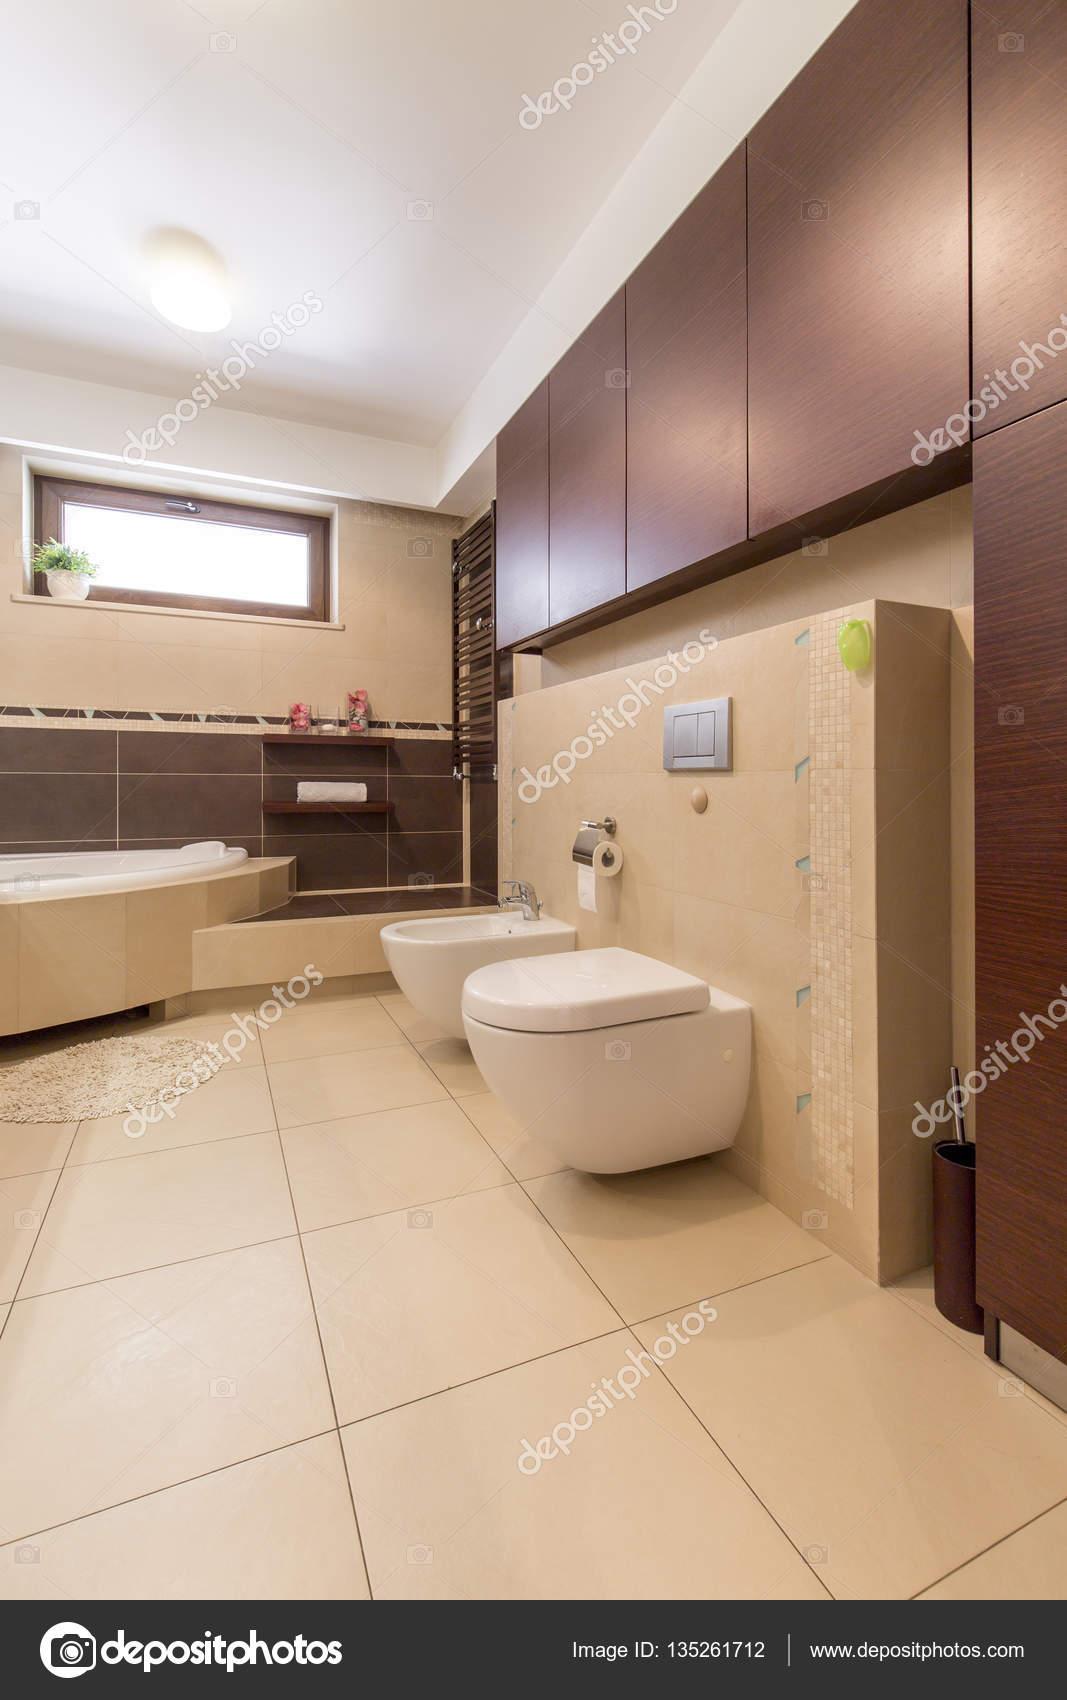 Piastrelle bagno beige latest bagno nuvole x cm beige spessore mm bicottura con bricoman - Bagno marrone e beige ...